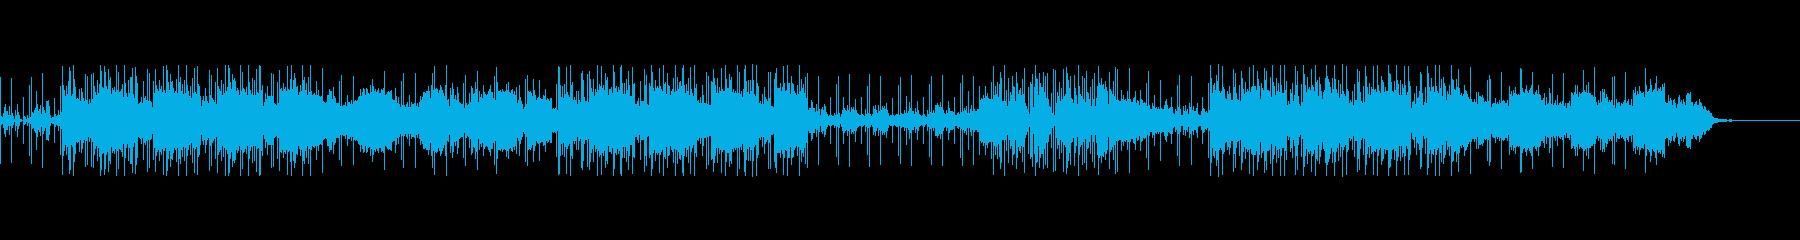 16ビートピアノポップス春そよ風メロなしの再生済みの波形